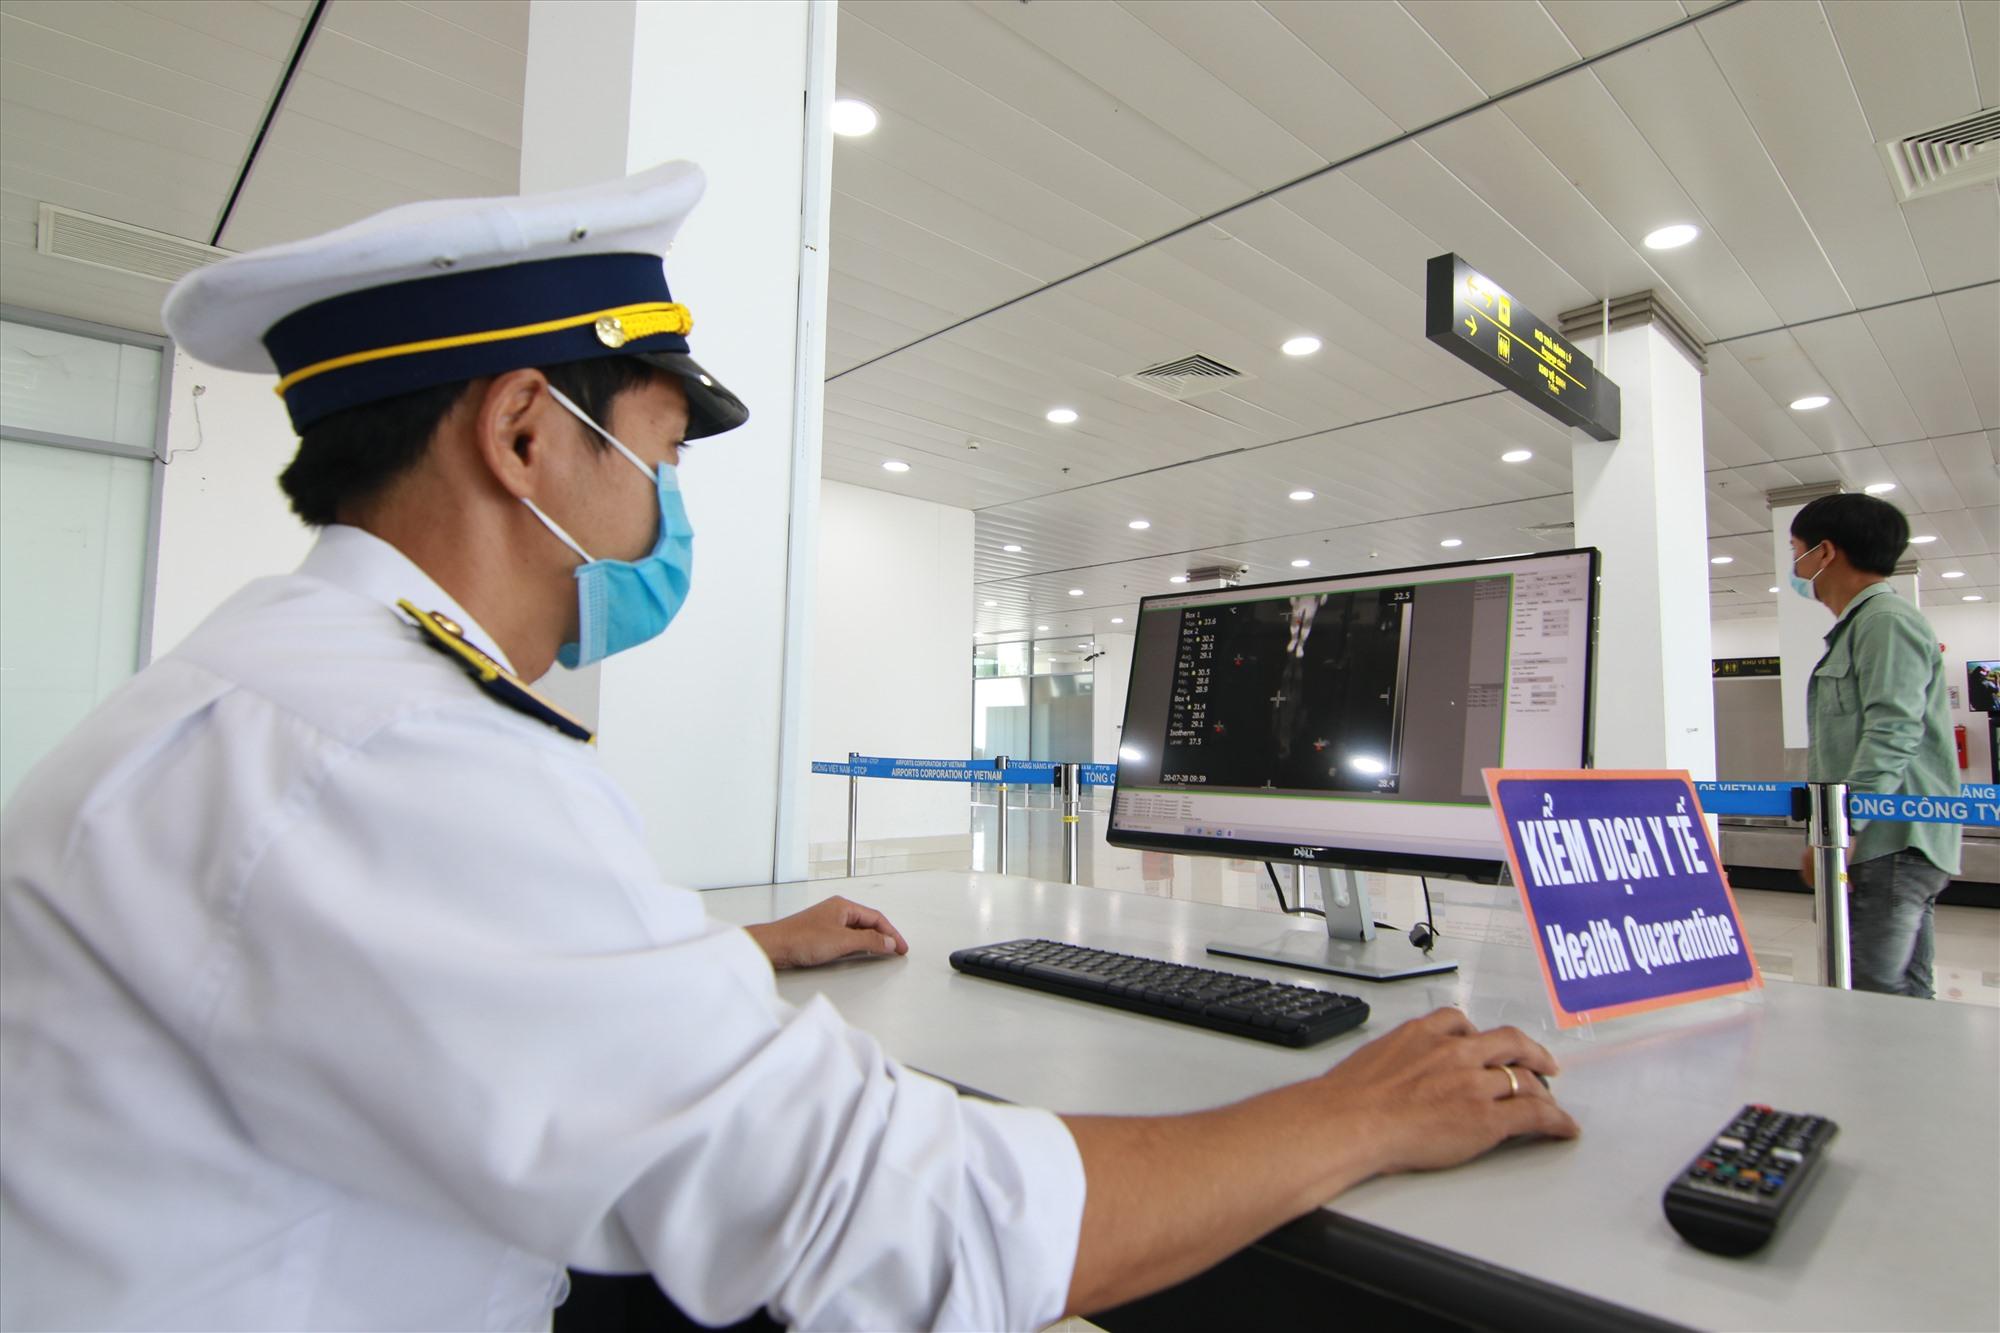 Nhân viên kiểm tra thân nhiệt hành khách bằng máy quét thân nhiệt tự động lắp đặt ở khu vực an ninh sân bay Chu Lai. Ảnh: T.C